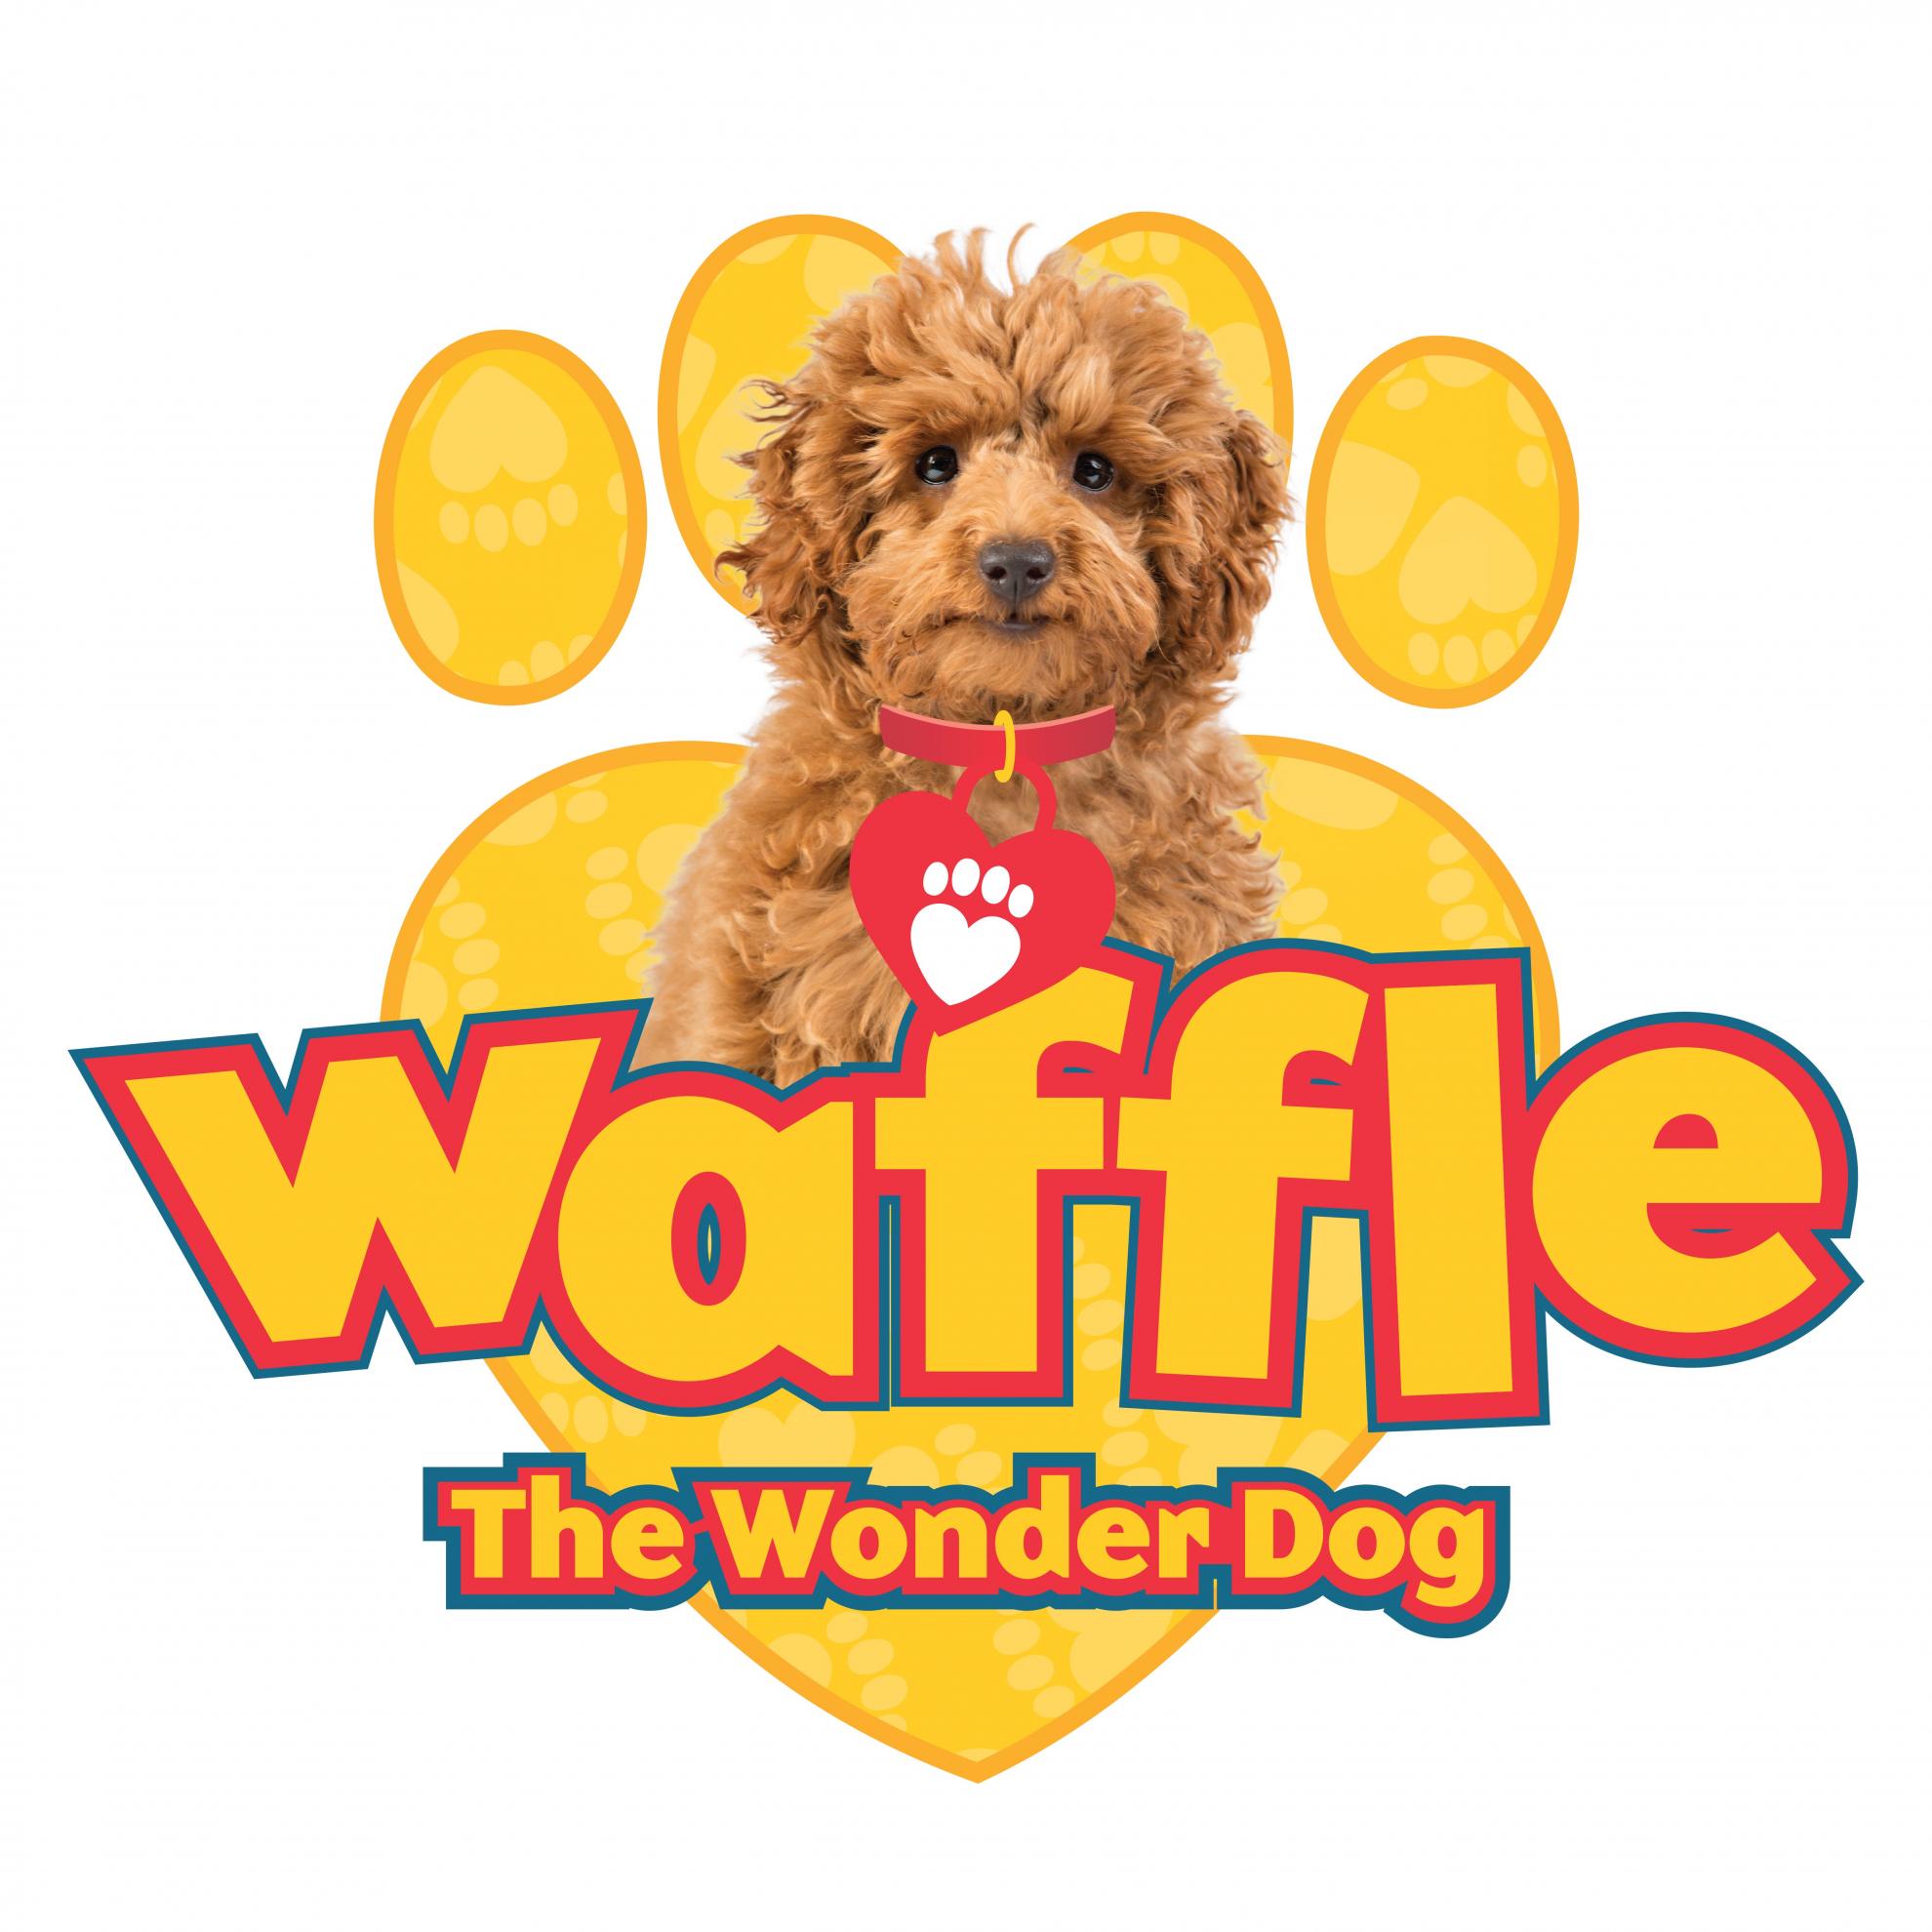 Waffle the wonder dog logo